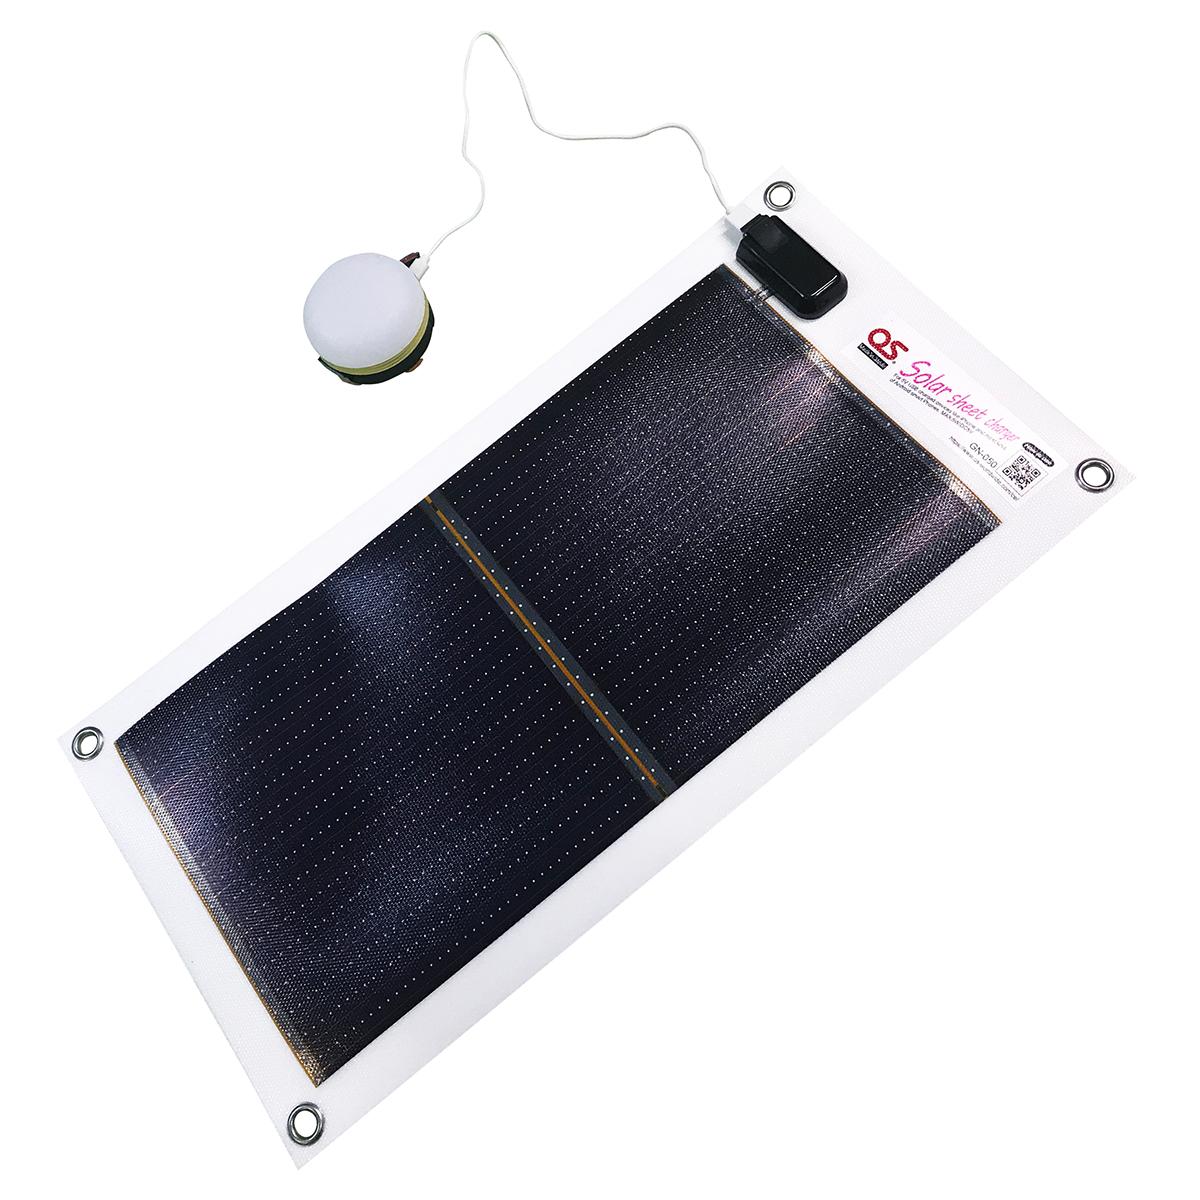 日本製 5.4W ソーラーシートチャージャー + USB充電式LEDランタン/1800mAh モバイルバッテリー ・ OS オーエス ソーラーシートチャージャーセット GSB-0500-DC